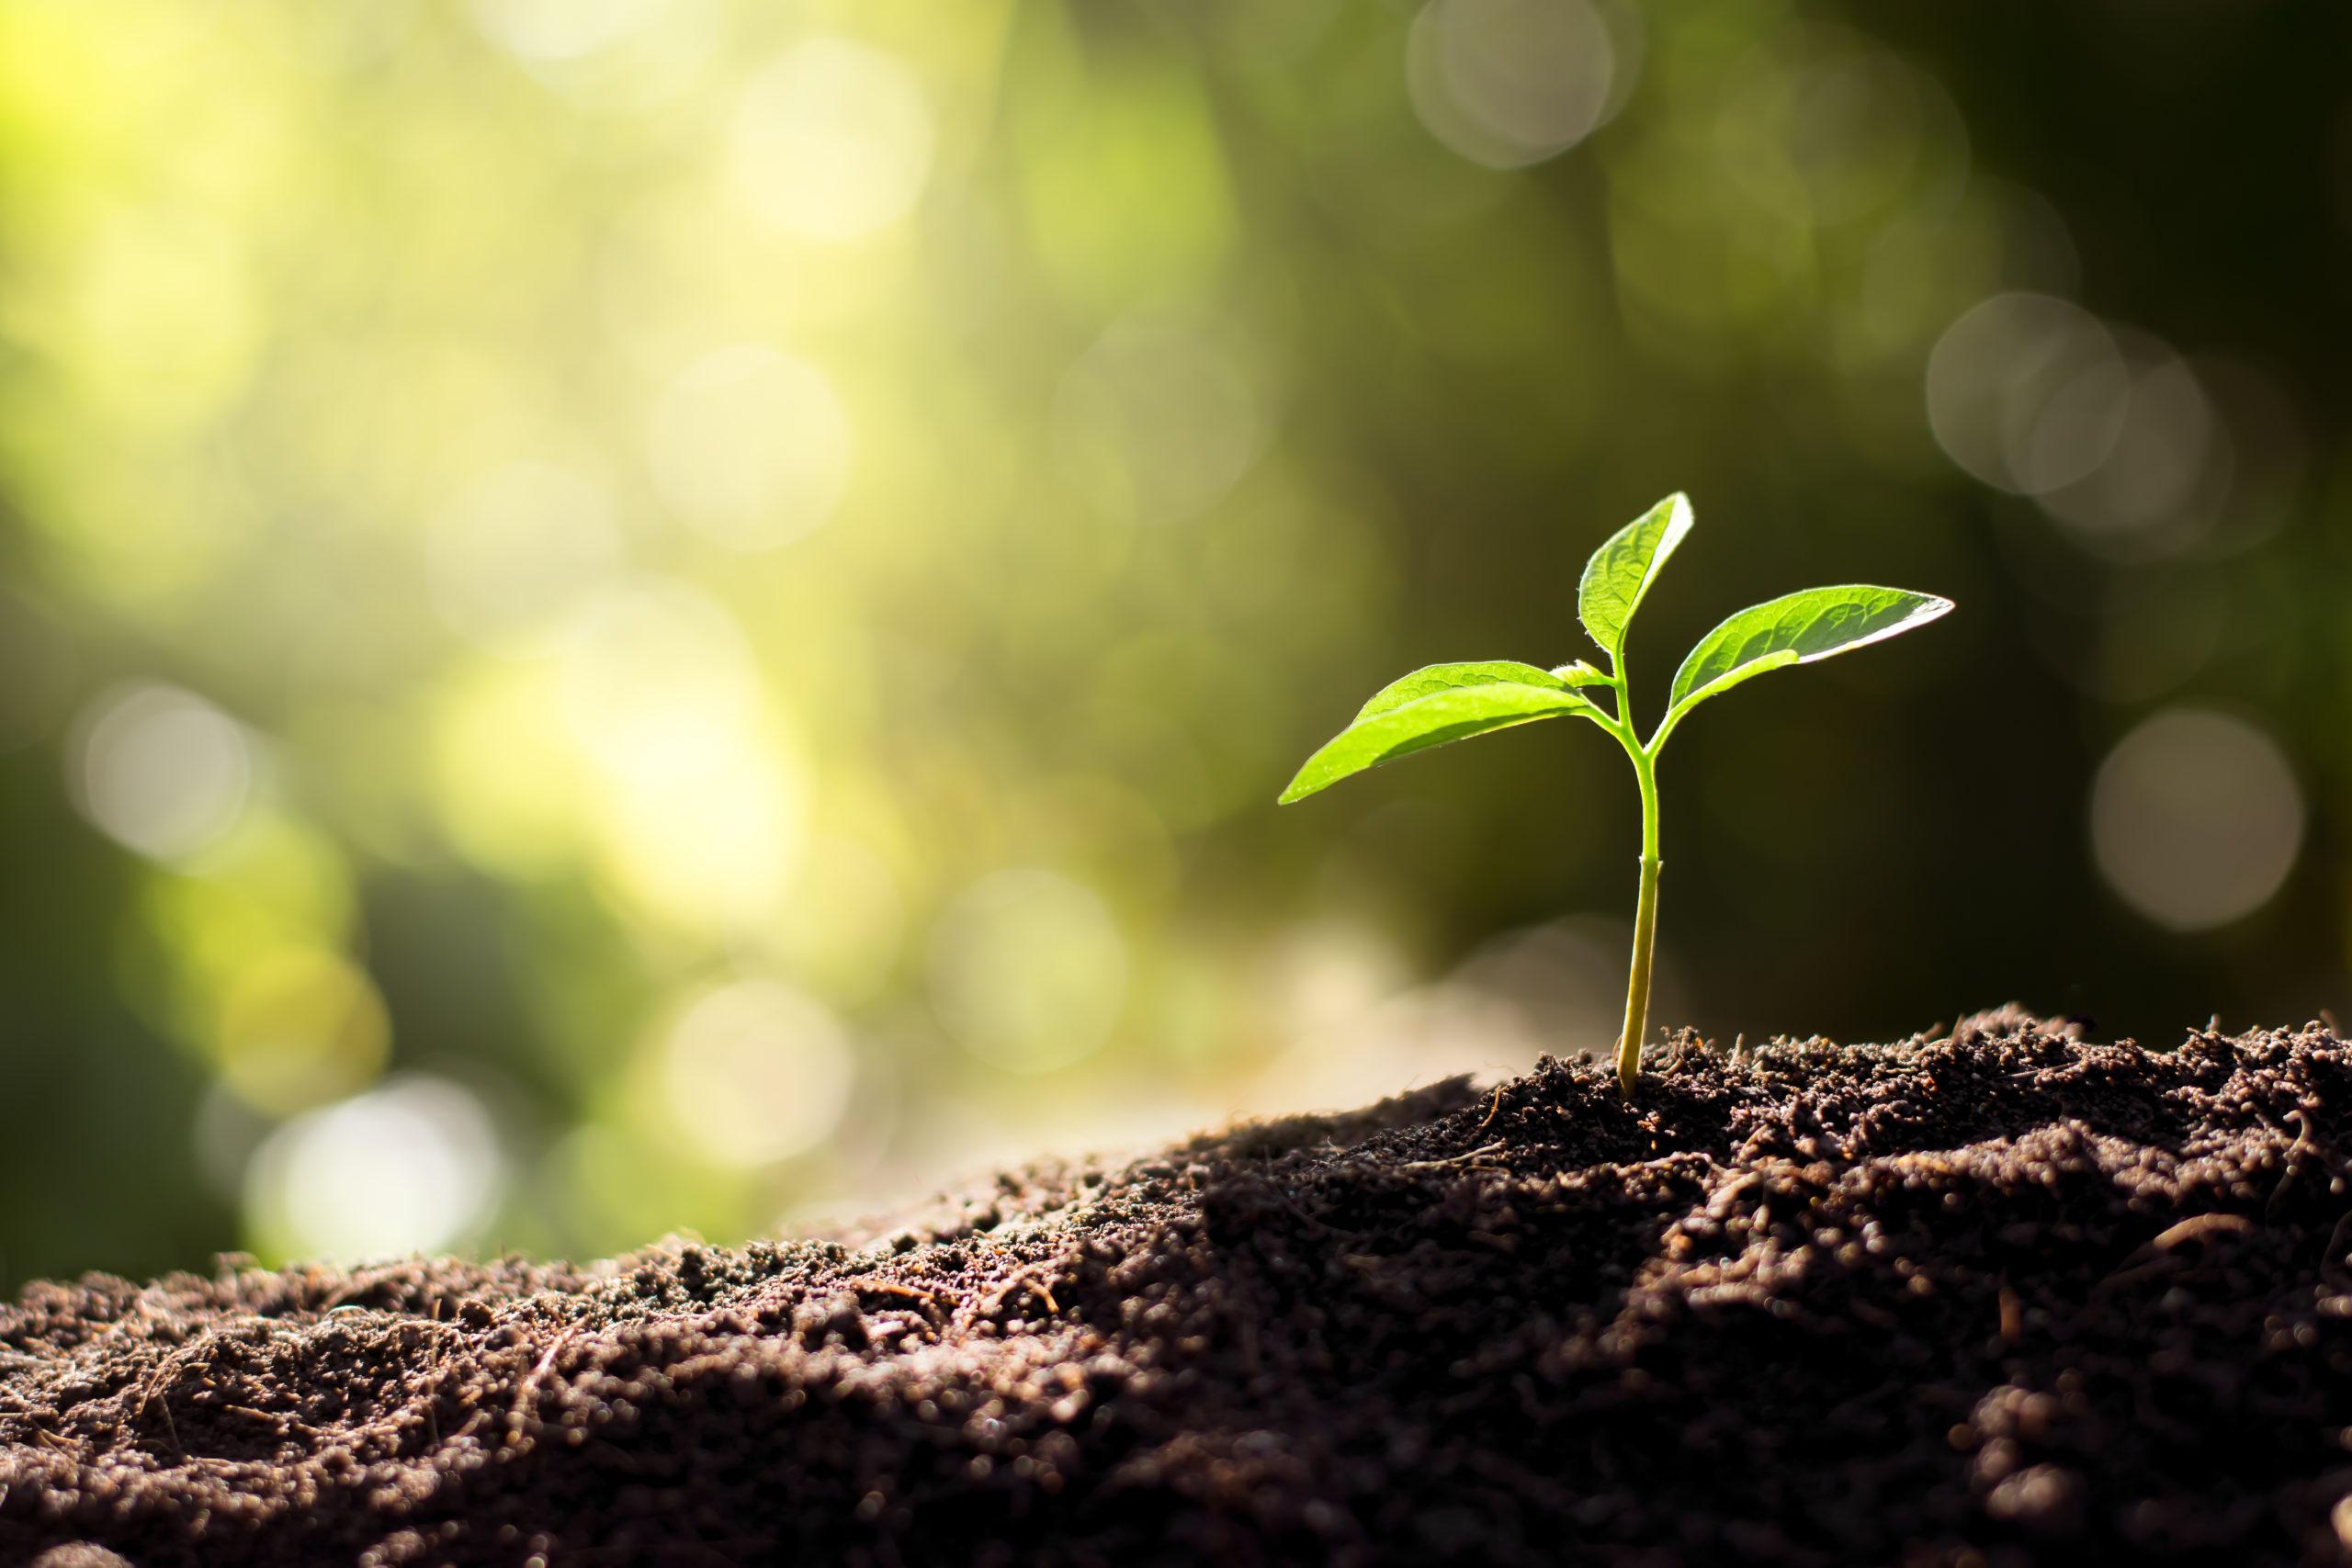 Pesquisa mede radiação no solo para combater processo erosivo